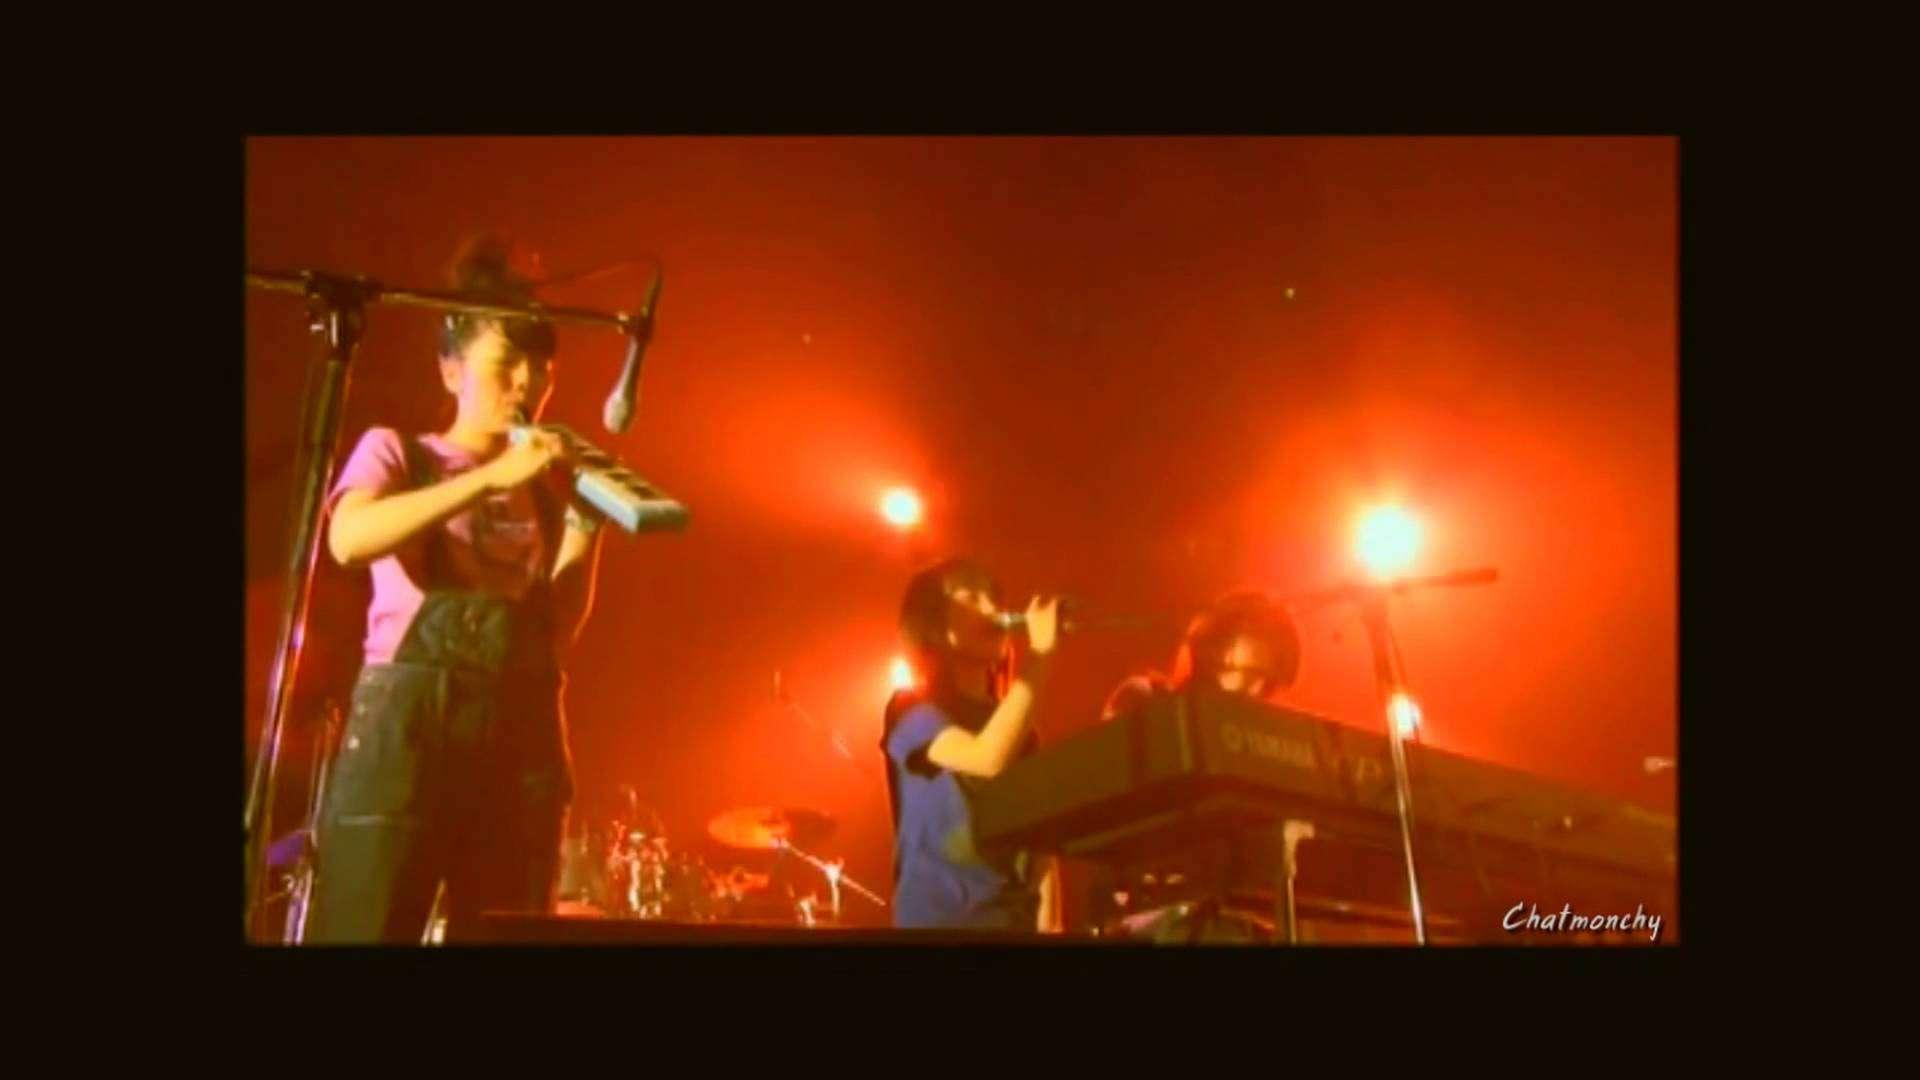 チャットモンチー - サラバ青春 LIVE [HD] - YouTube